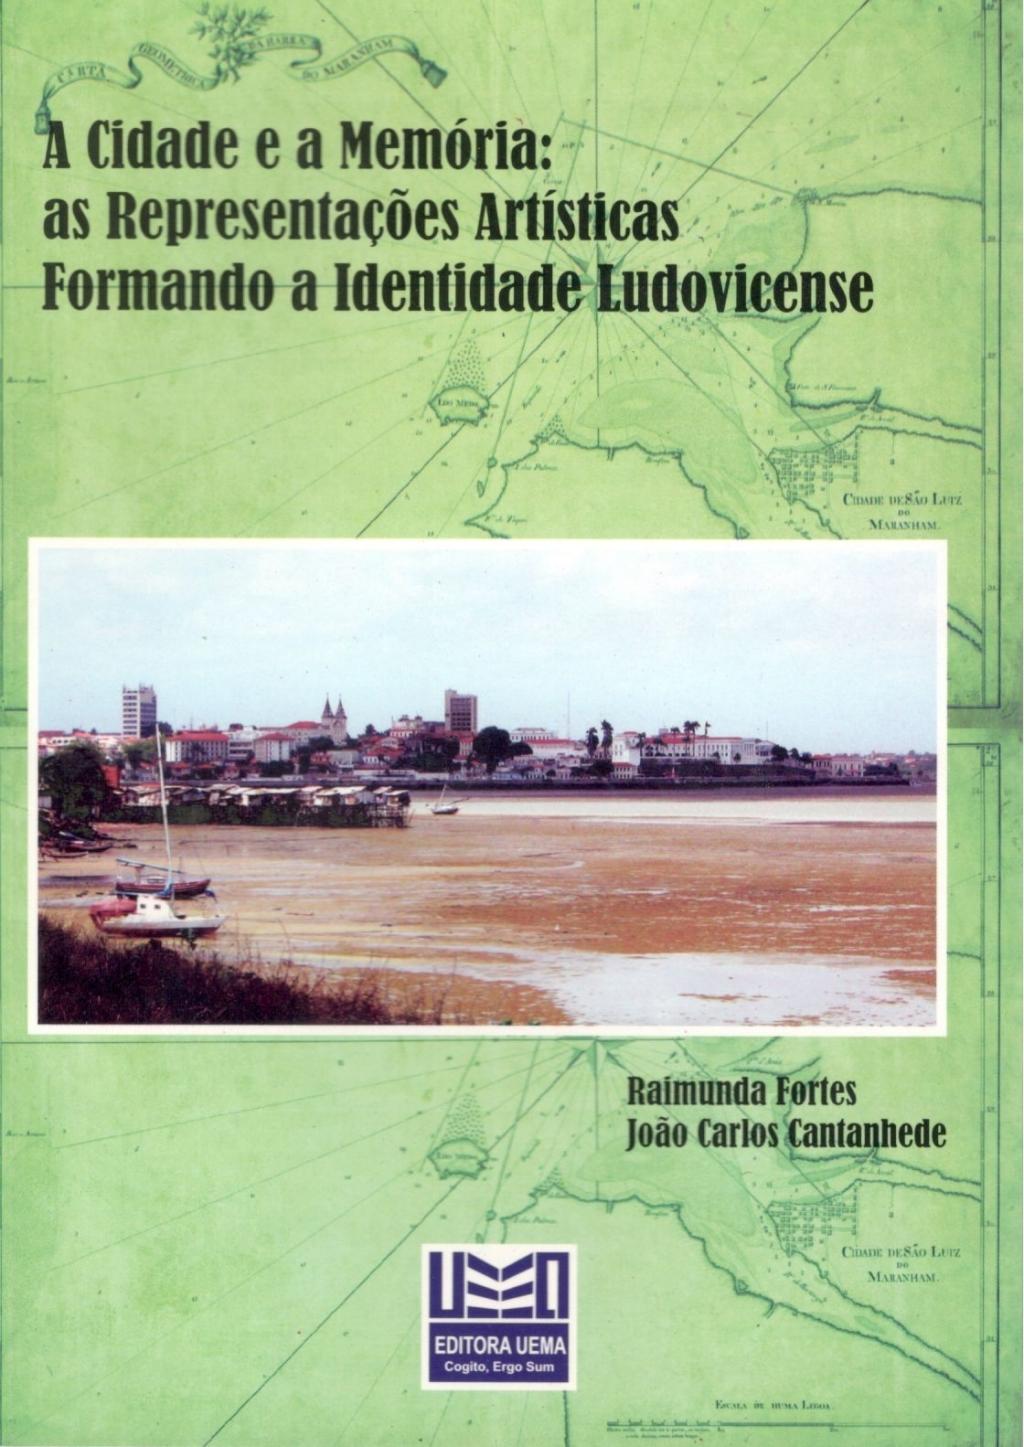 A cidade e a memória: As representações artísticas Formando a identidade Ludovicense